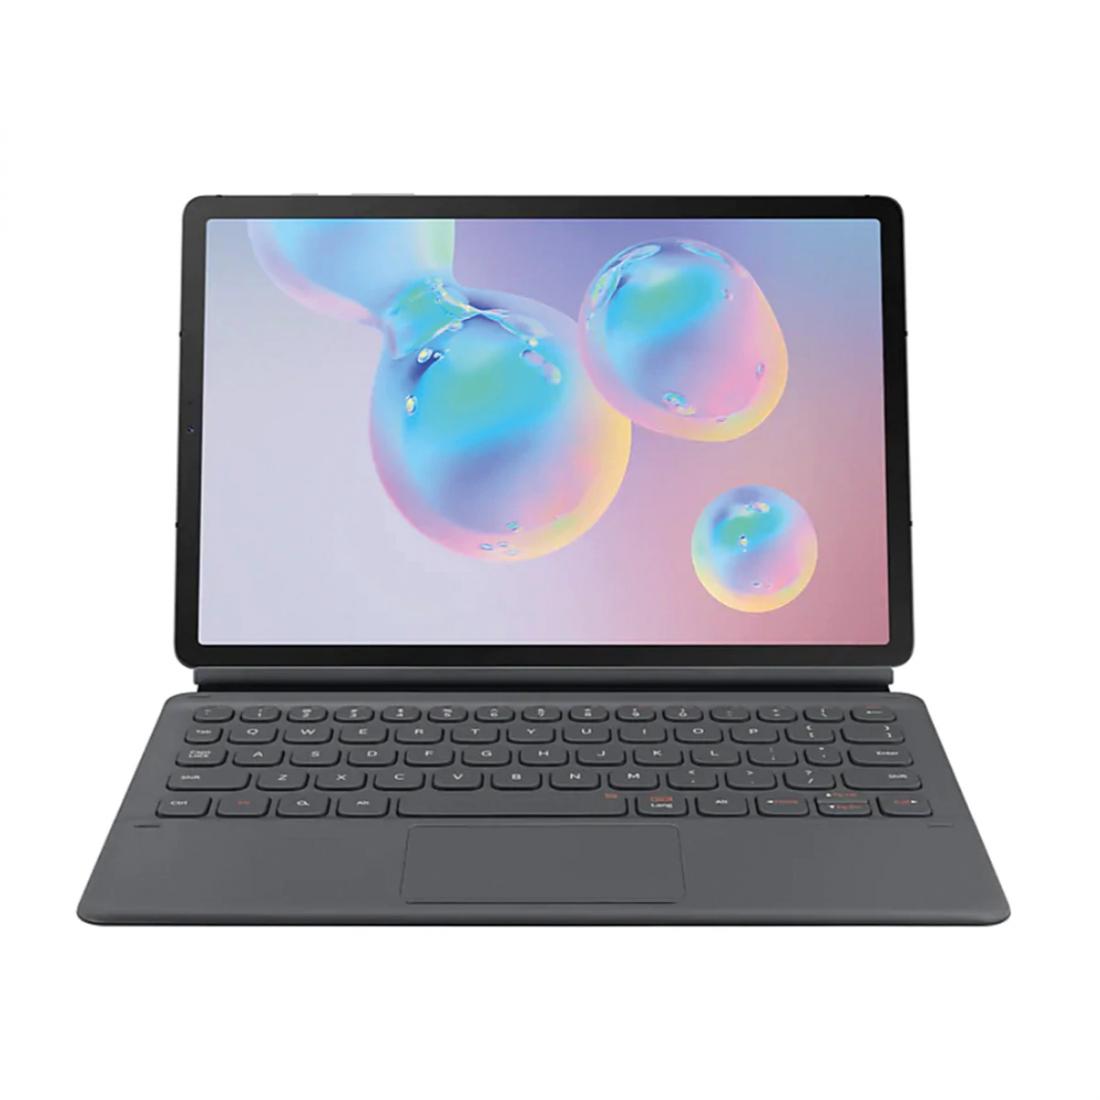 Funda con teclado Samsung EF-DT860 Keyboard Book Cover para Galaxy Tab S6, color Gris